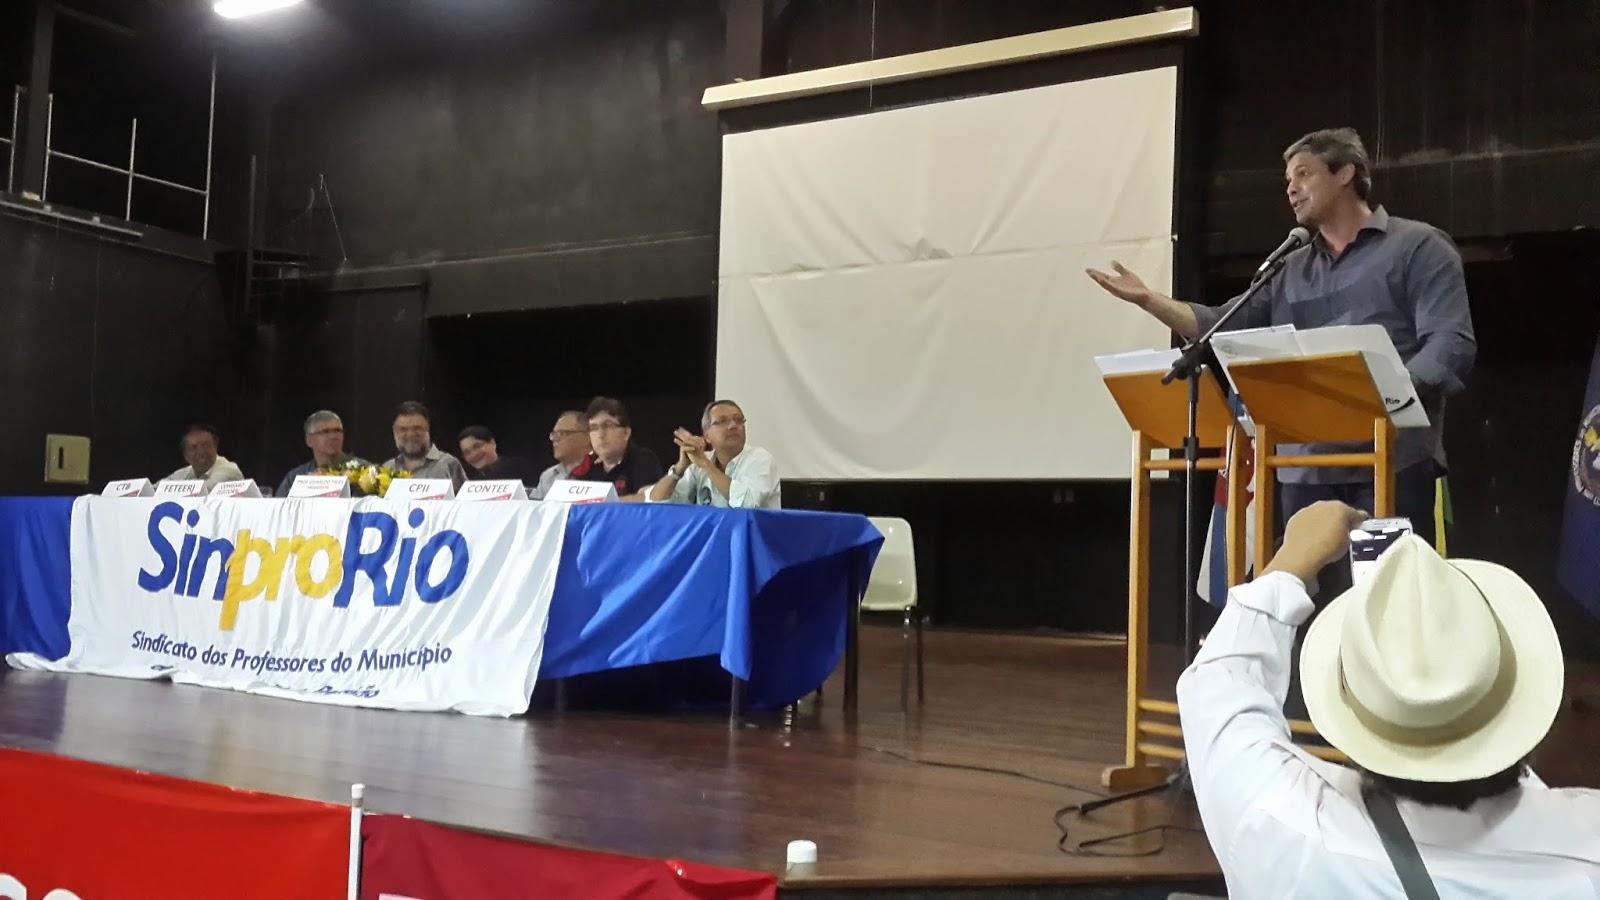 Lindberg Farias comparece à posse de nova diretoria do Sinpro-RJ em plena campanha ao Governo do Estado e prestigia professores